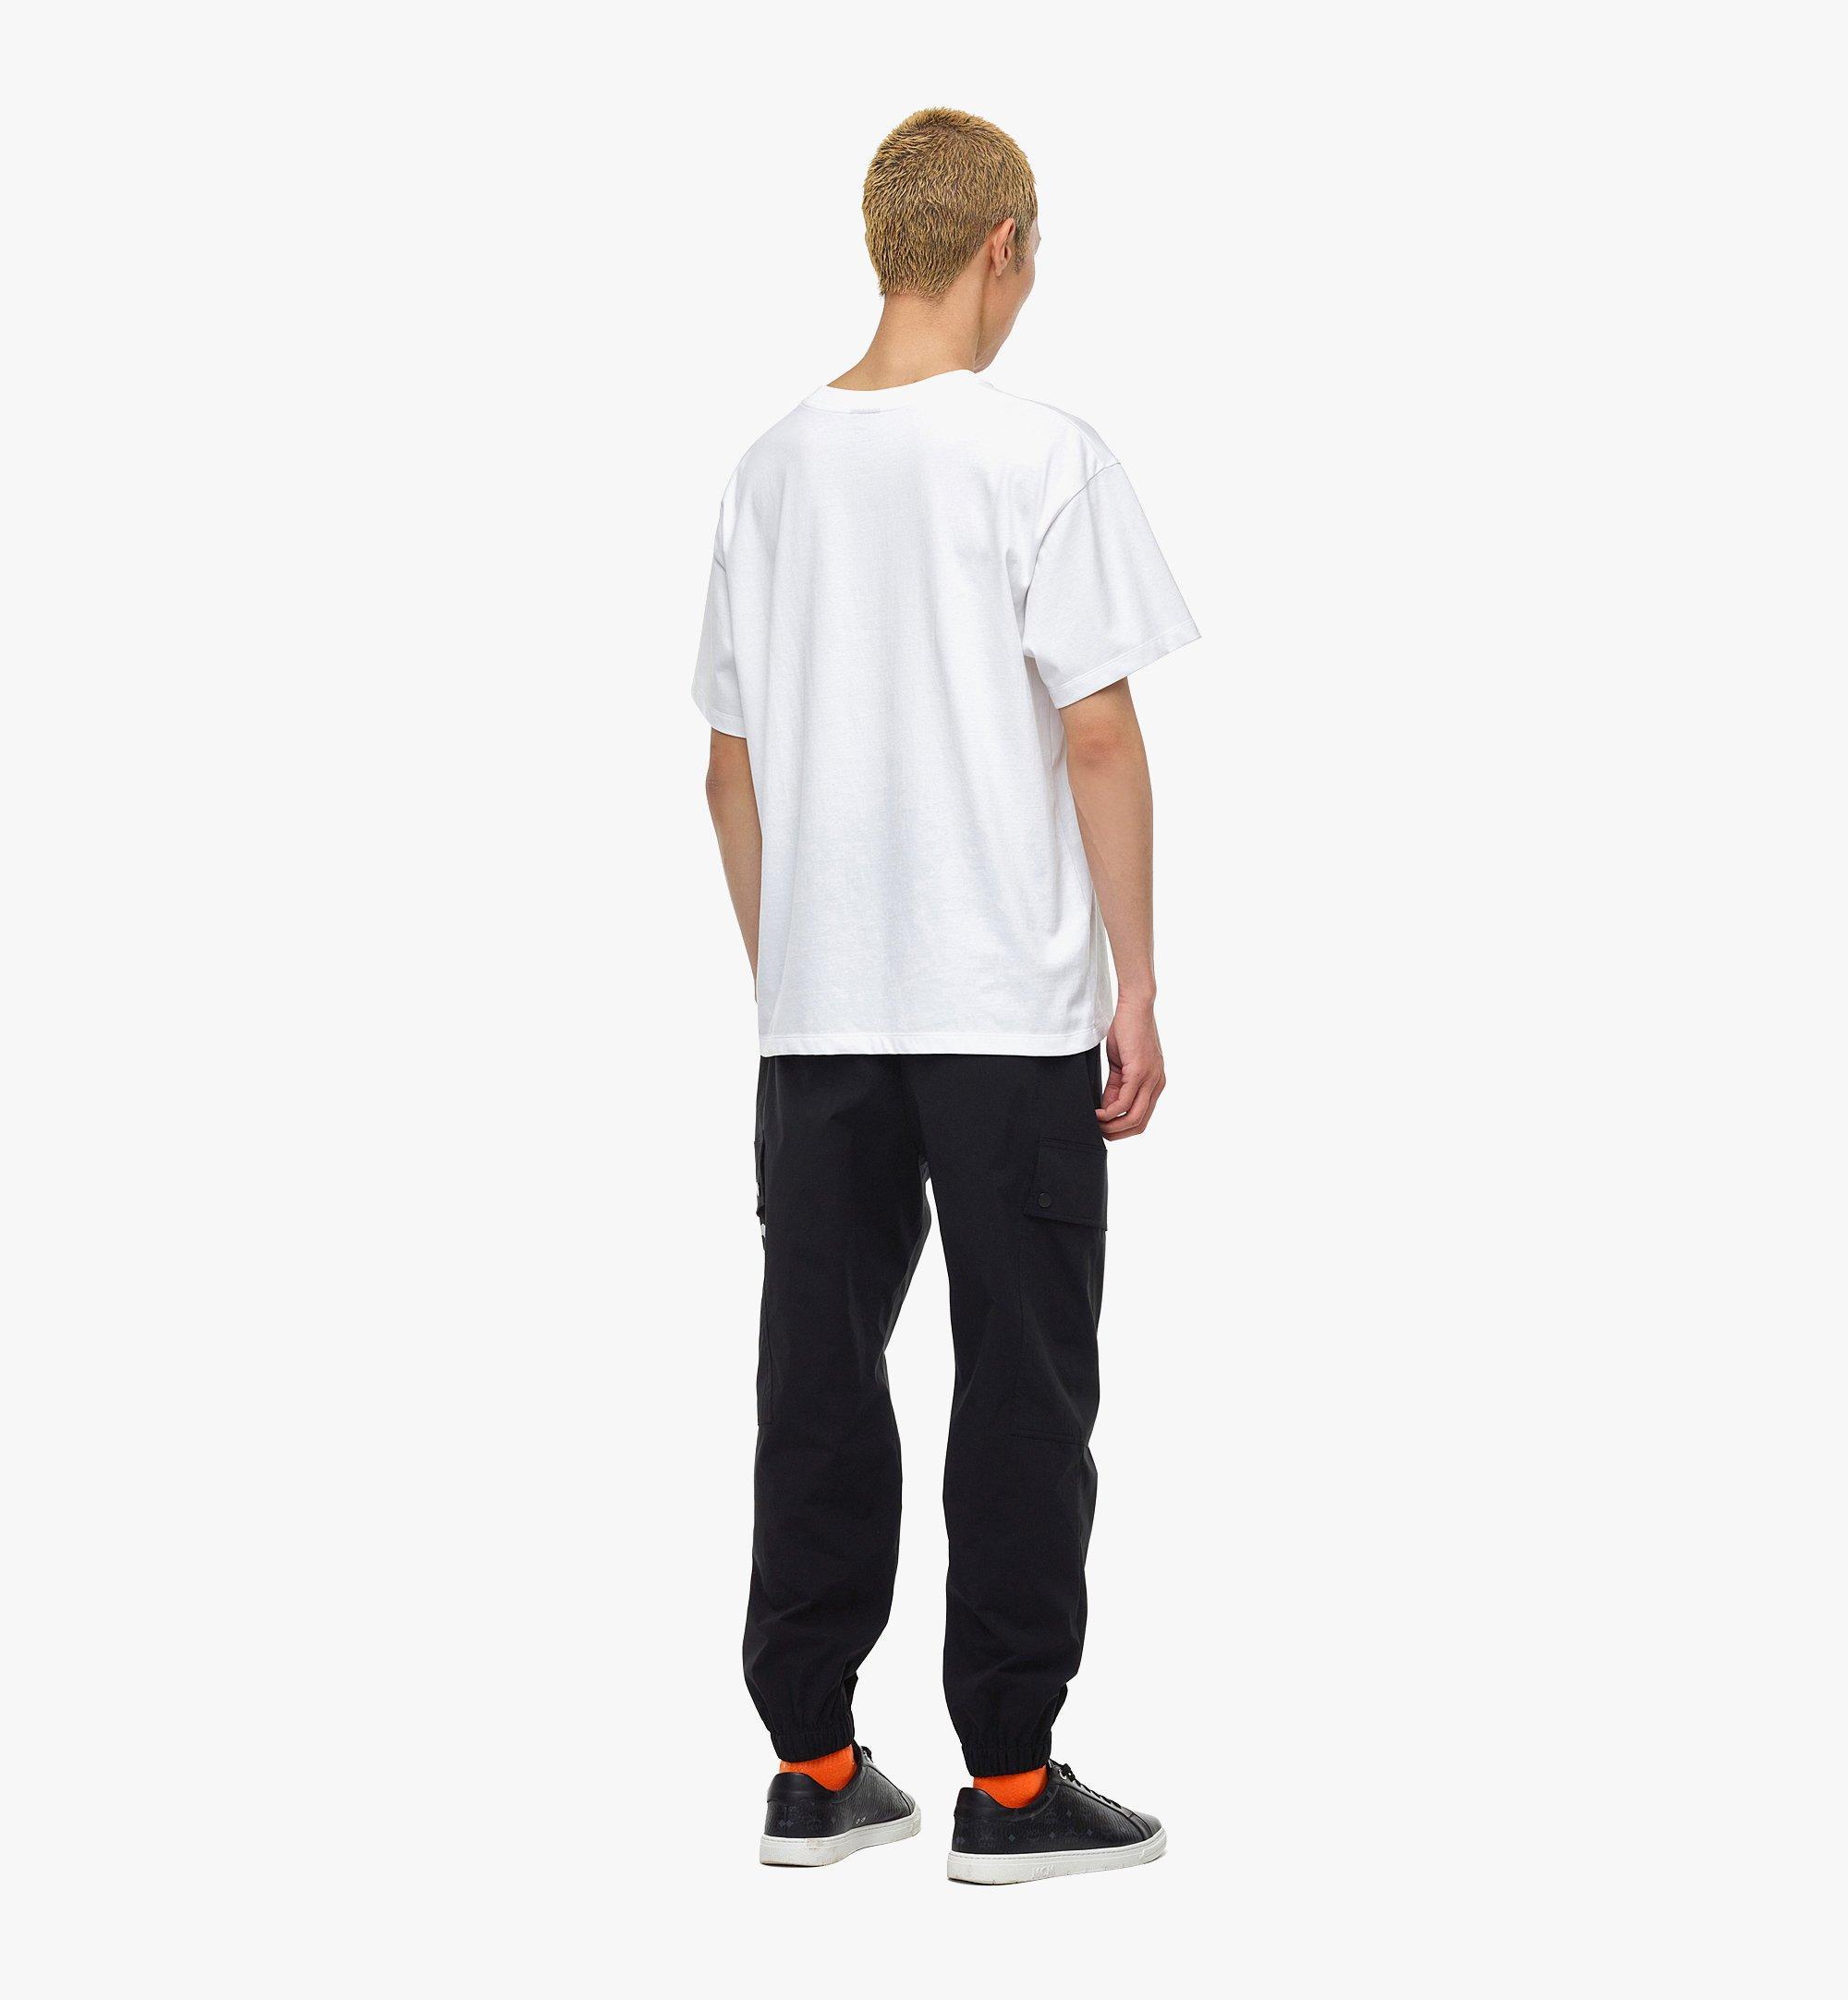 MCM MCM x SAMBYPEN T-Shirt mit gedrucktem Logo White MHTBASP02WD00M Noch mehr sehen 2